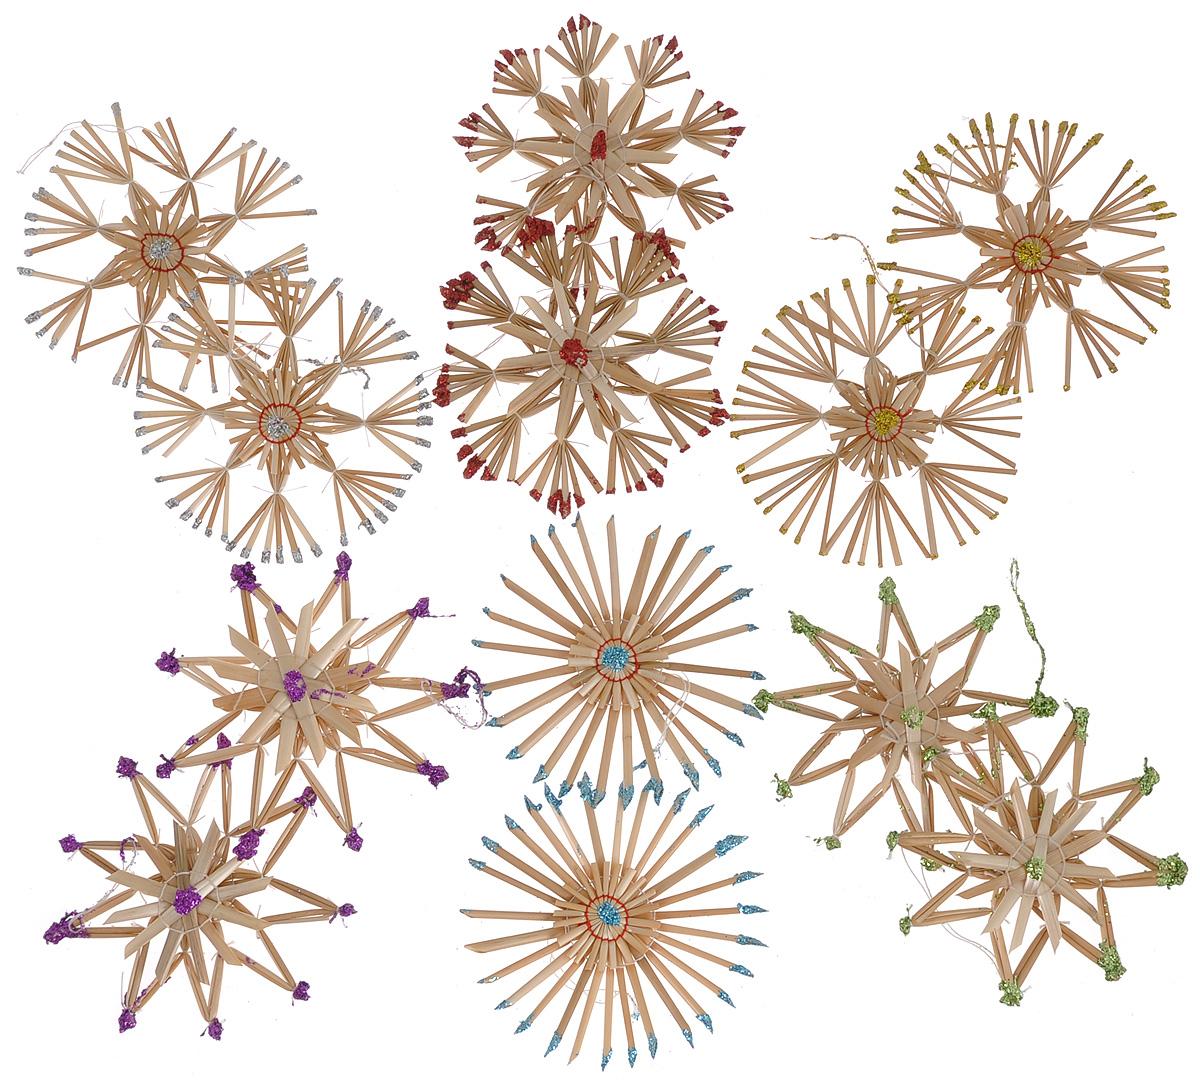 Набор новогодних подвесных украшений Феникс-презент Радуга, 12 штNLED-454-9W-BKНабор Феникс-презент Радуга, состоящий из 12 новогодних подвесных украшений, отлично подойдет для декорации вашего дома и новогодней ели. Изделиявыполнены из соломы в виде снежинок и звезд, оформленных блестками. Украшения имеют специальные петельки для подвешивания. Коллекция декоративных украшений Феникс-презент Радуга принесет в ваш дом ни с чем не сравнимое ощущение праздника!Средний размер украшения: 10,5 см х 11 см.